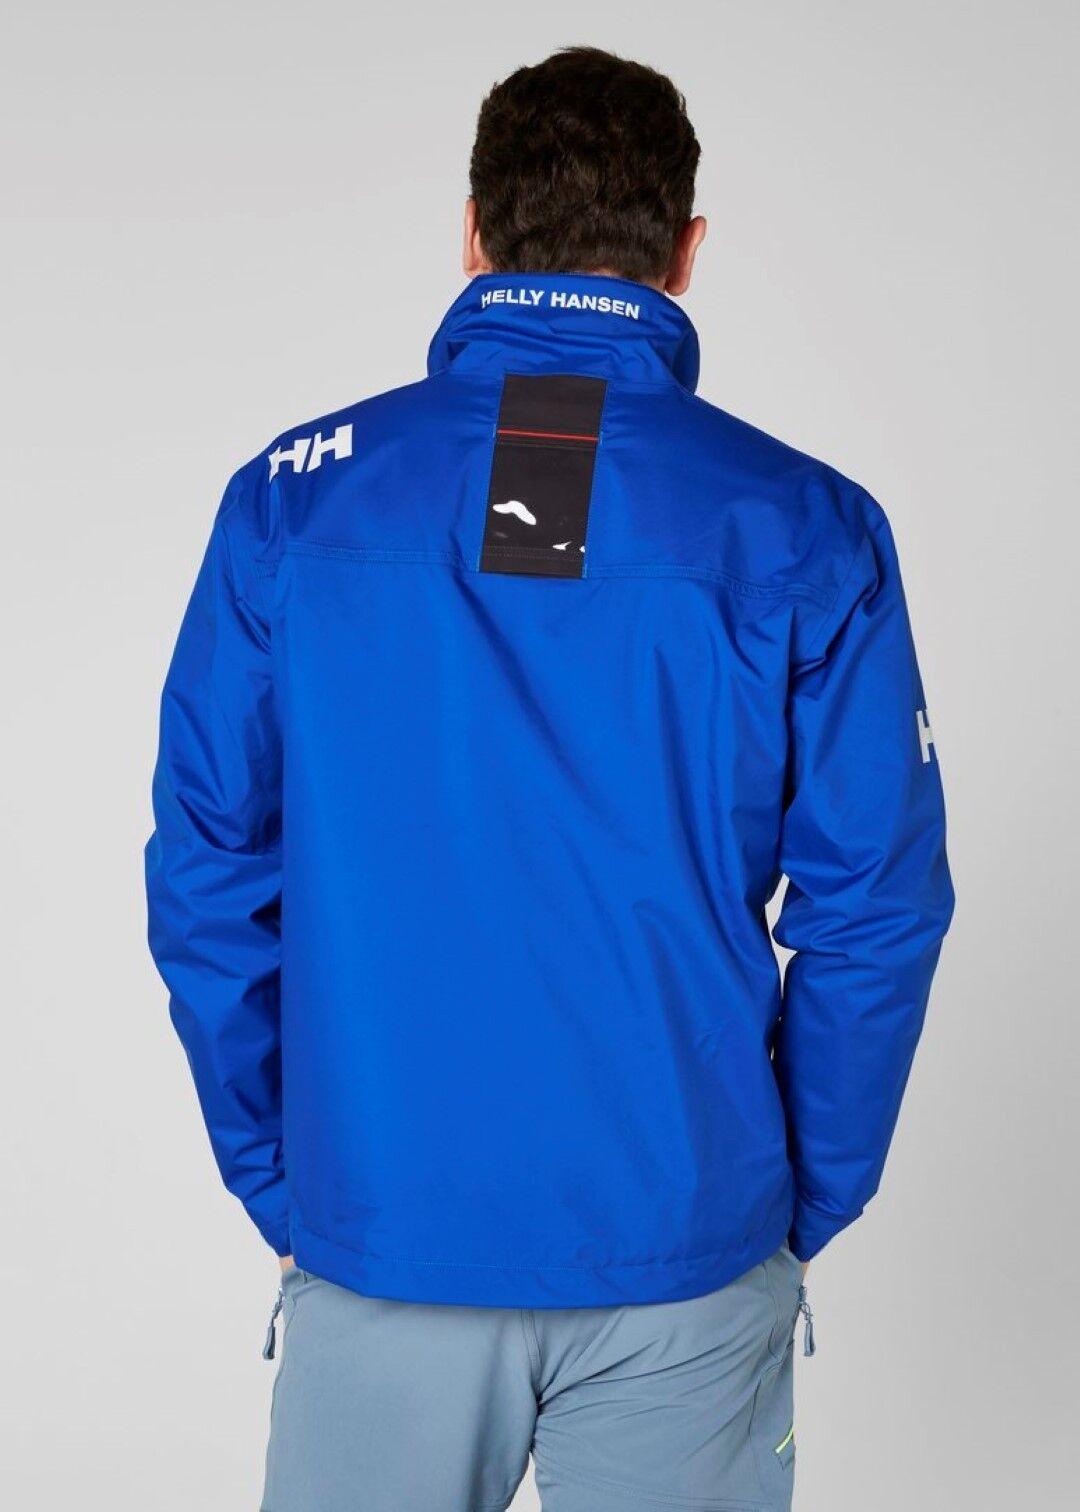 alennuskauppa kilpailukykyinen hinta muoti tyylejä Helly Hansen Crew Midlayer Jacket Olympian Blue 2xl